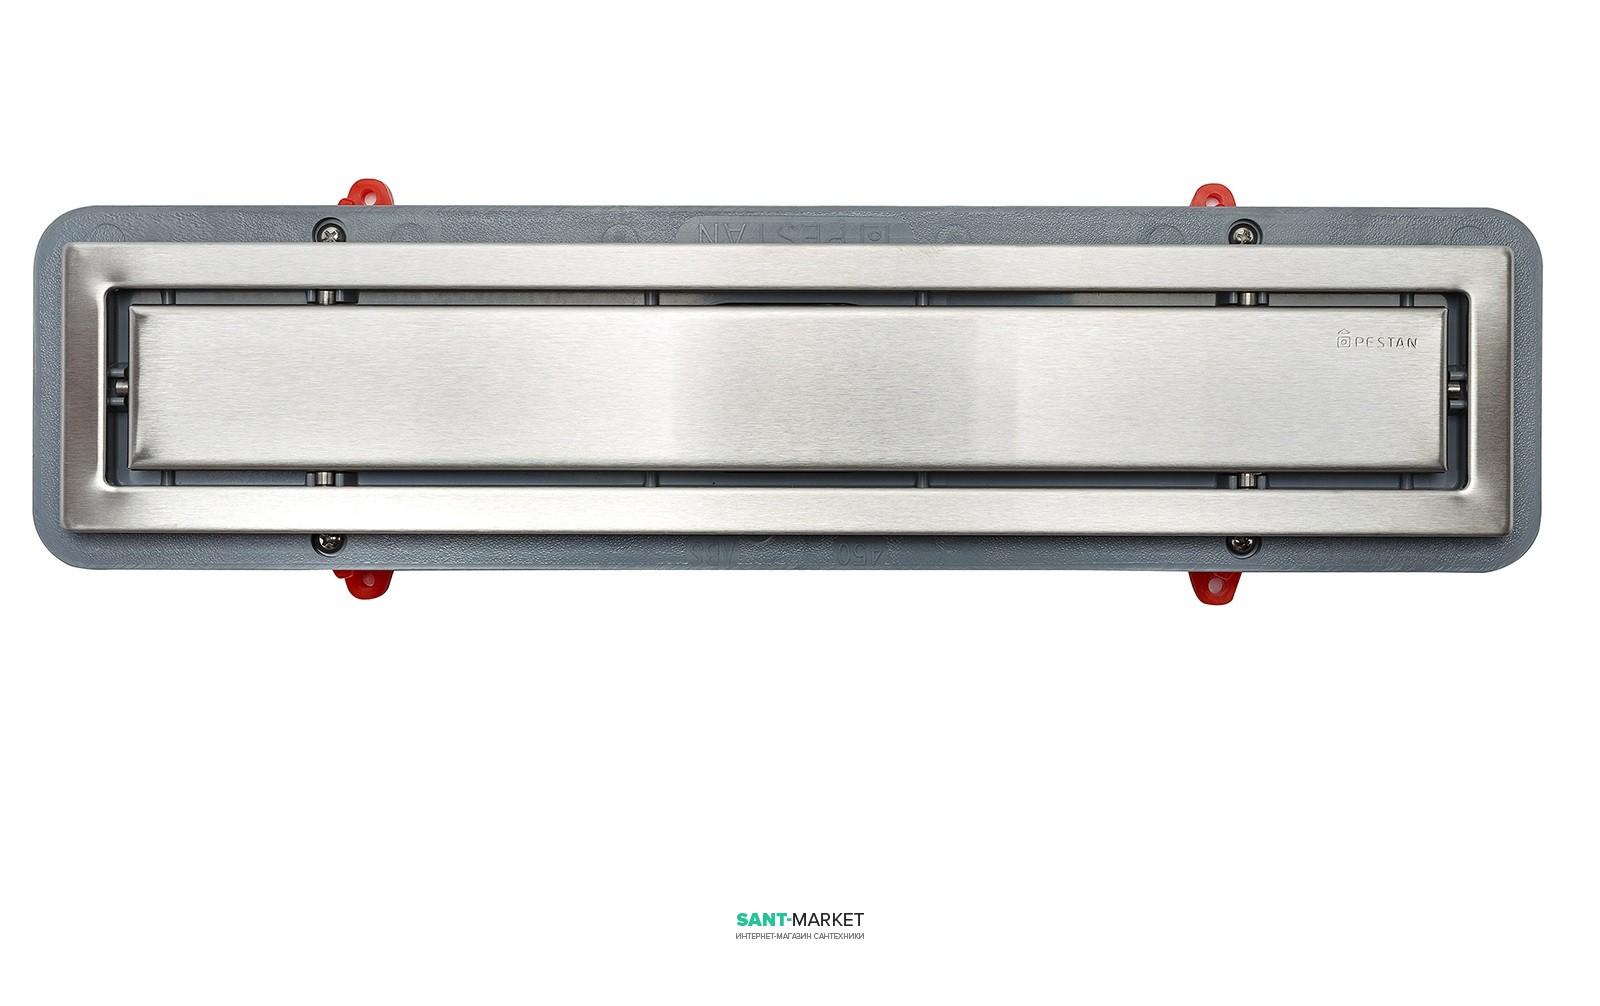 Душевой трап Pestan Confluo Premium Slim Line 550 13100003